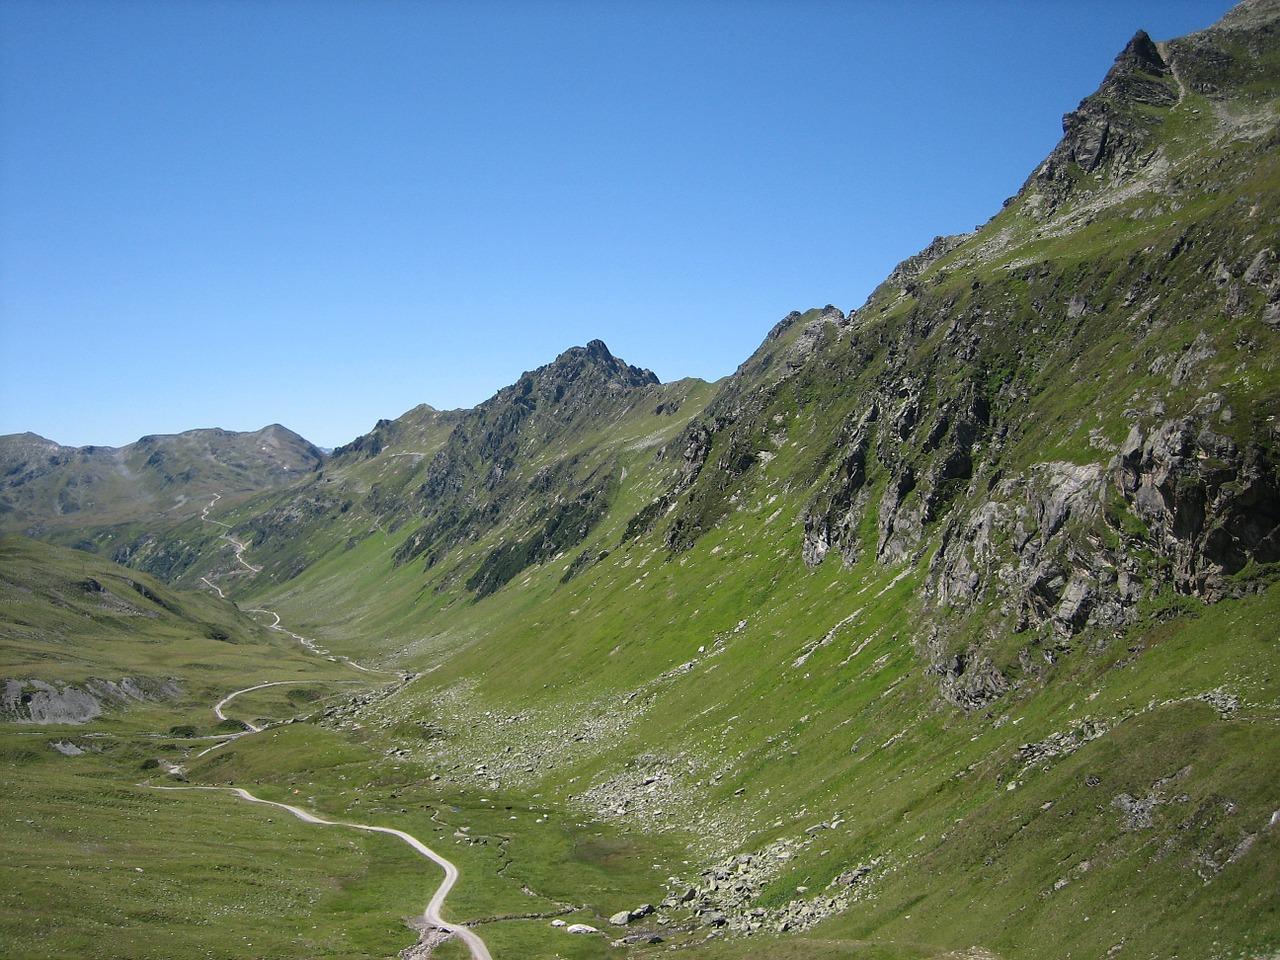 Alpenüberquerung zu Fuss